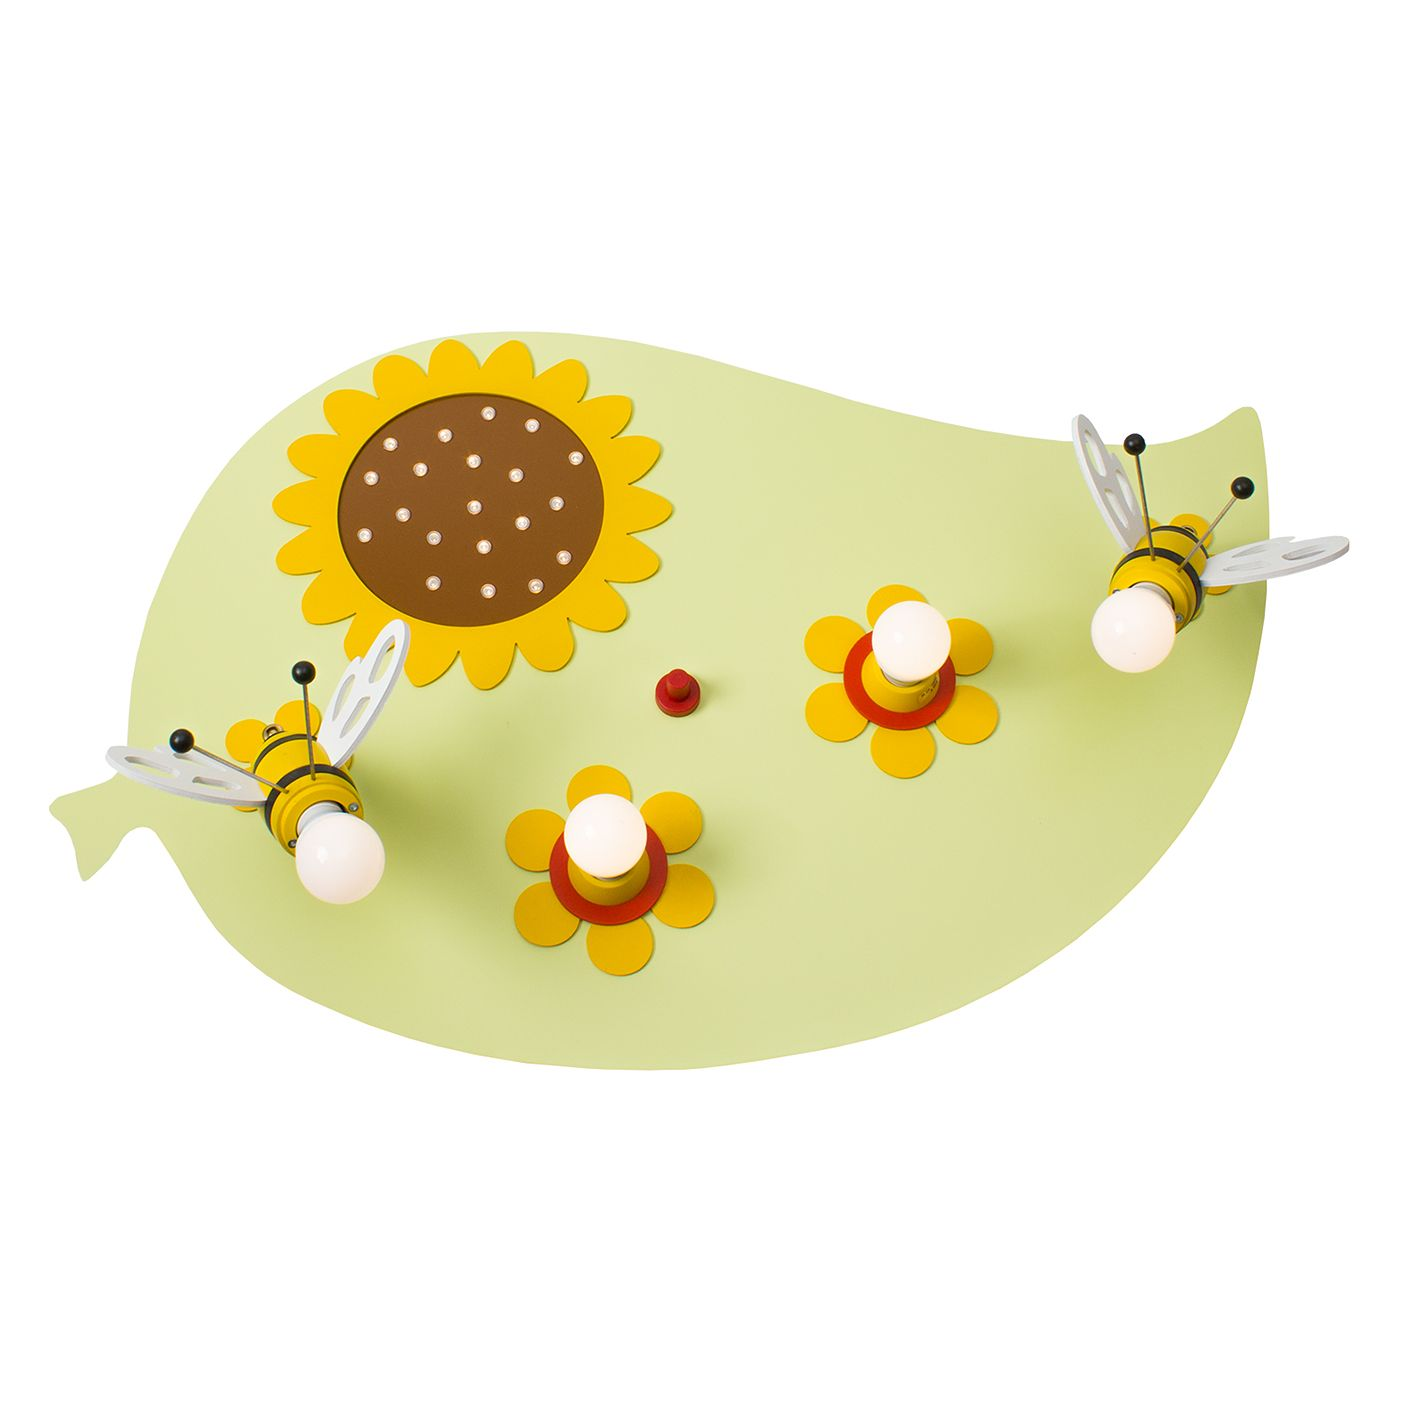 home24 Deckenleuchte Biene